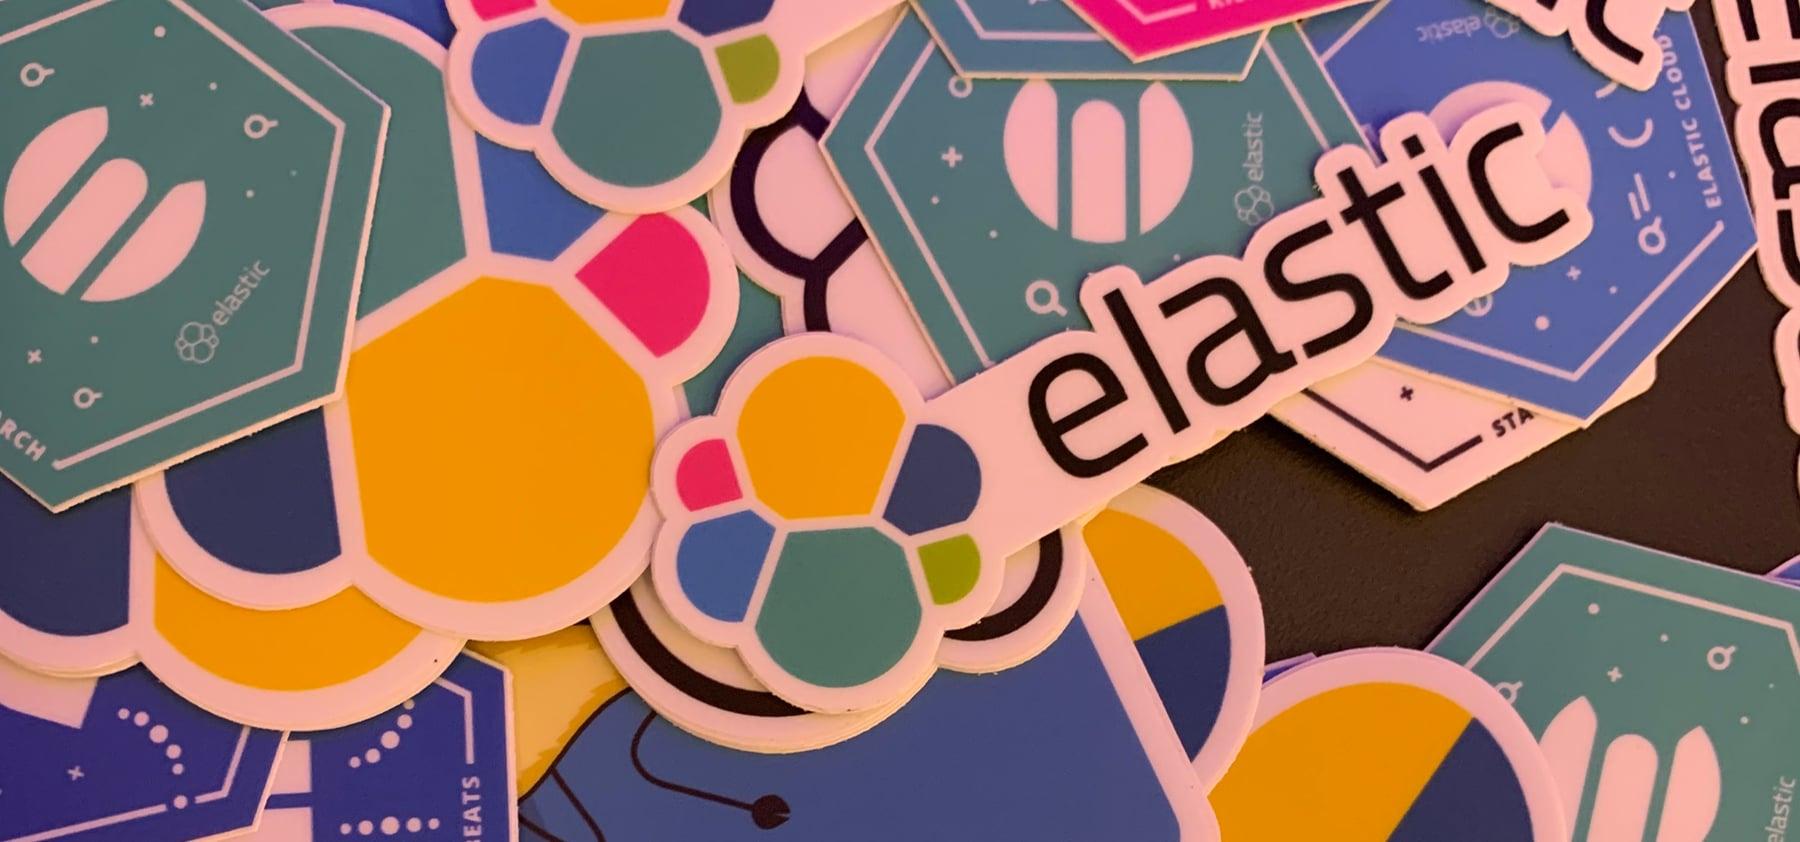 Elastic stickers